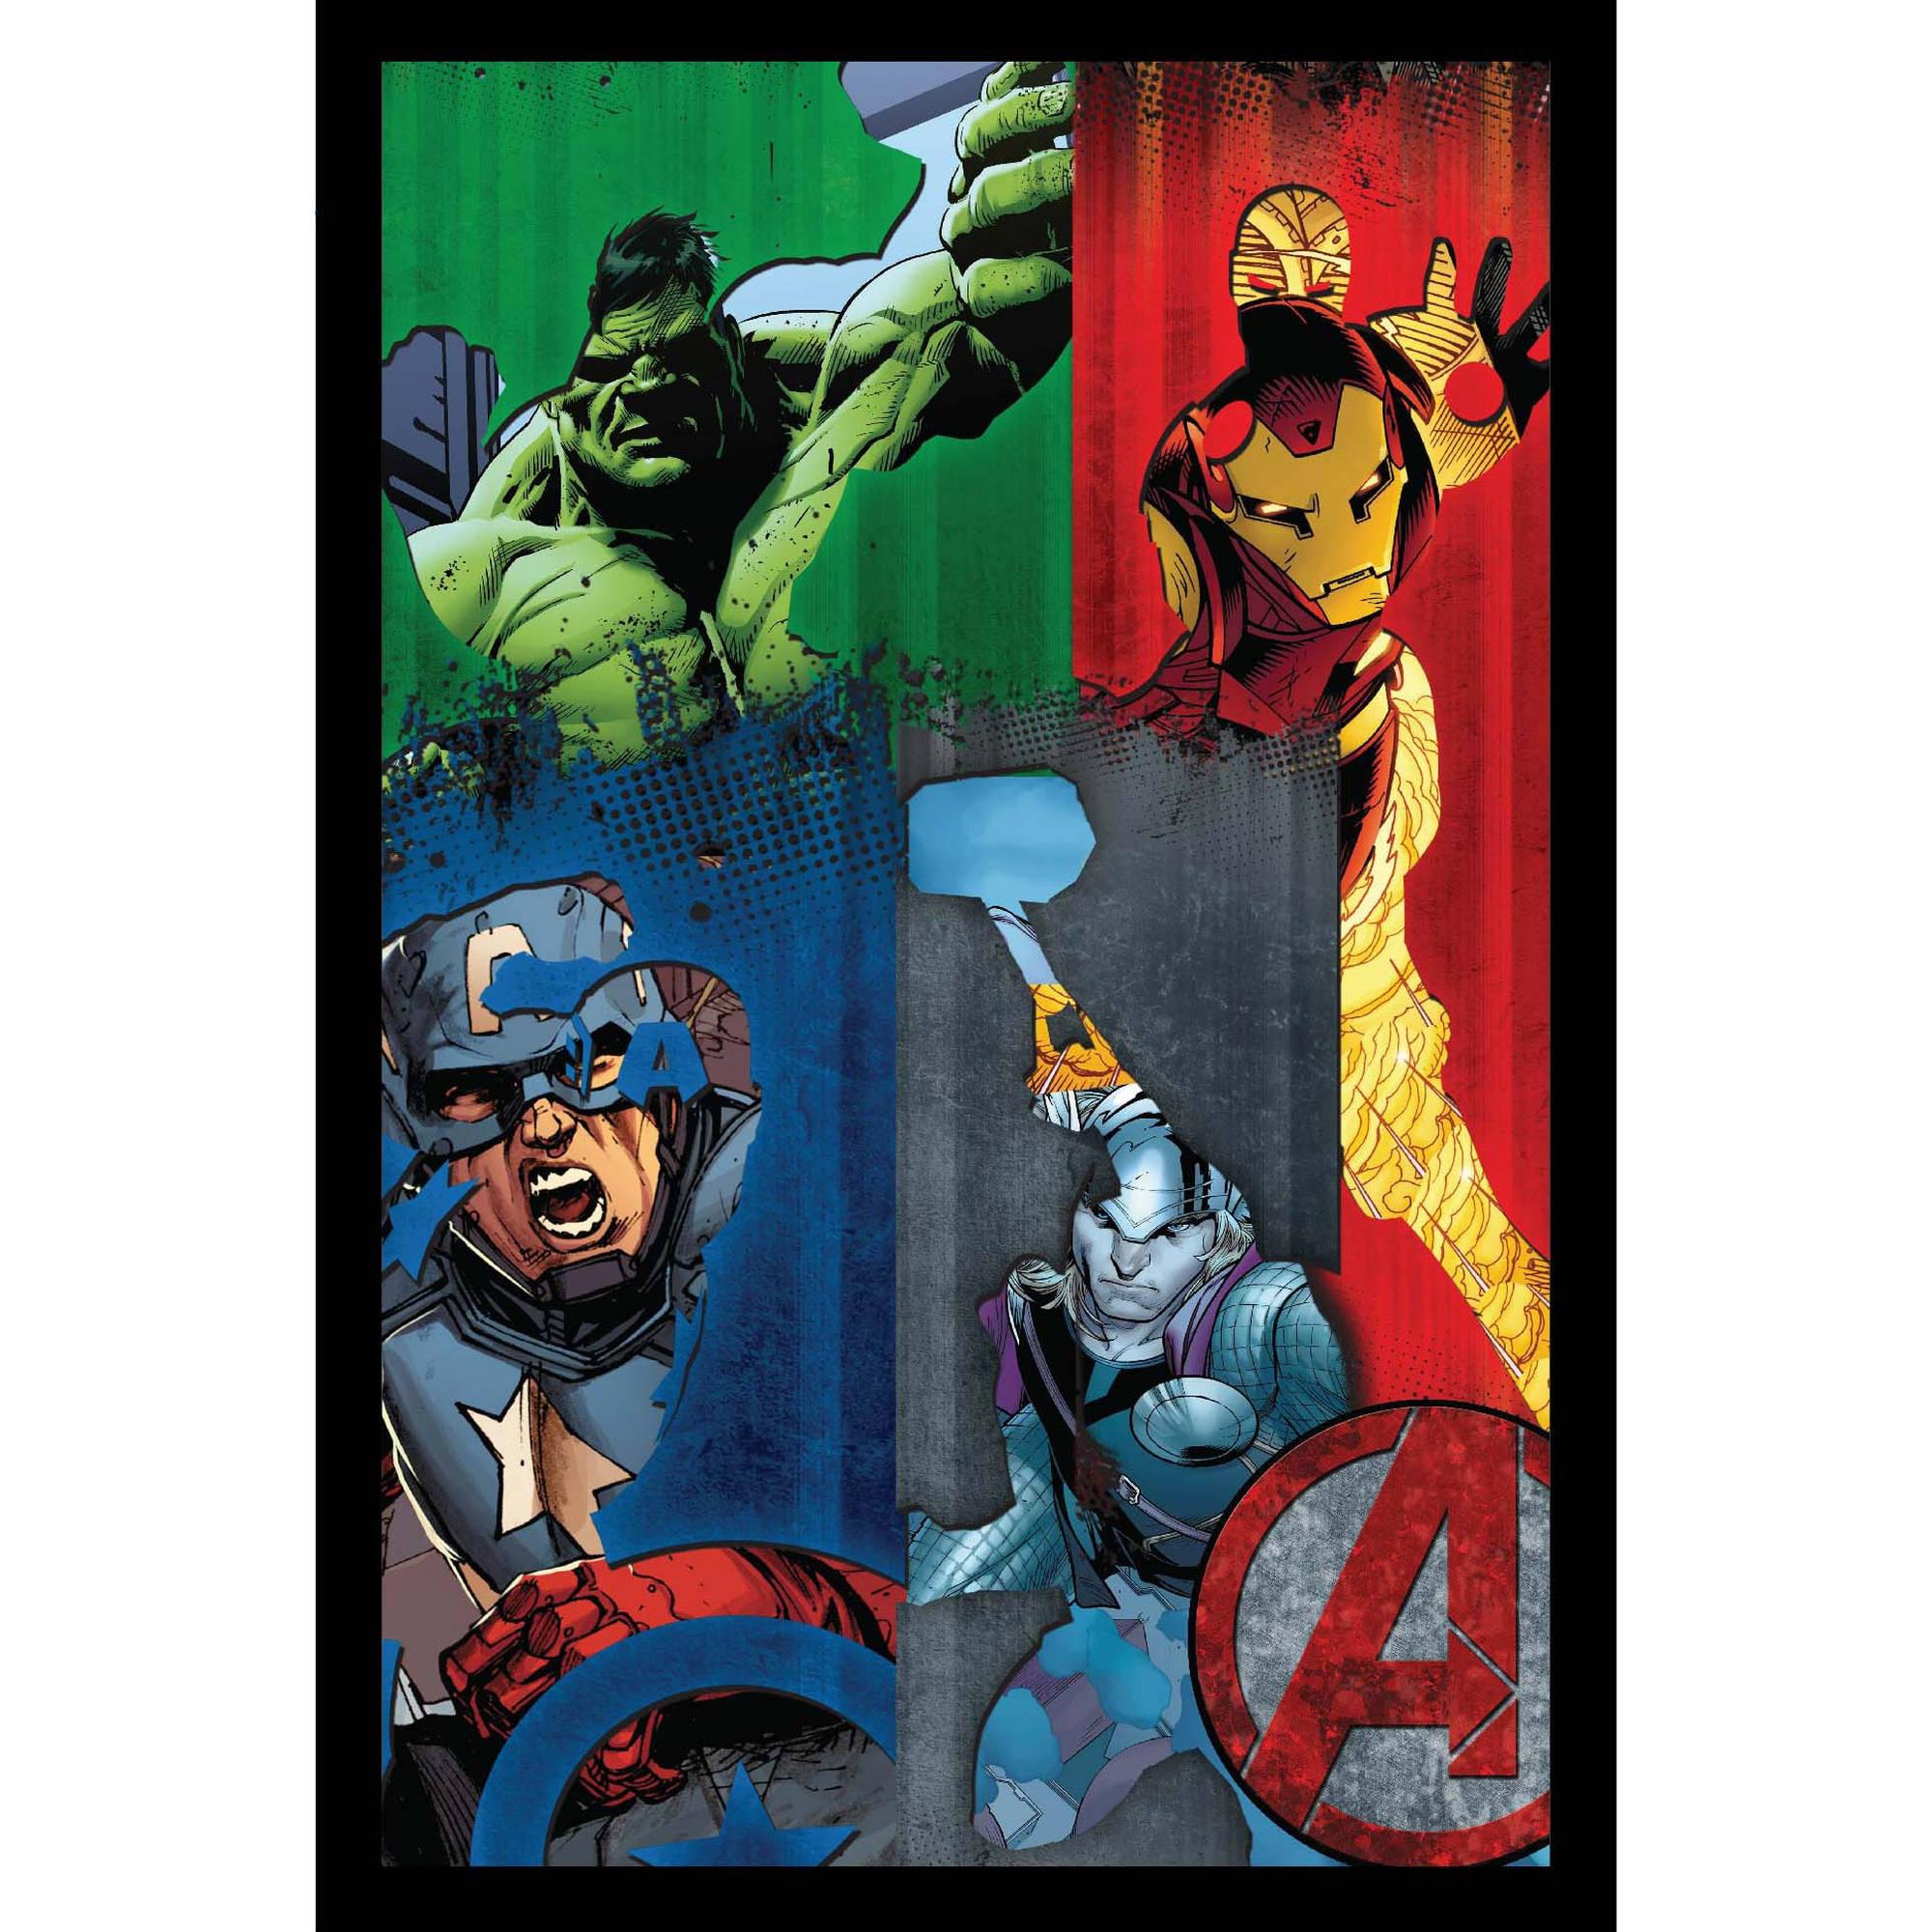 Marvel Avengers Comic Framed 3D Wall Artwork by